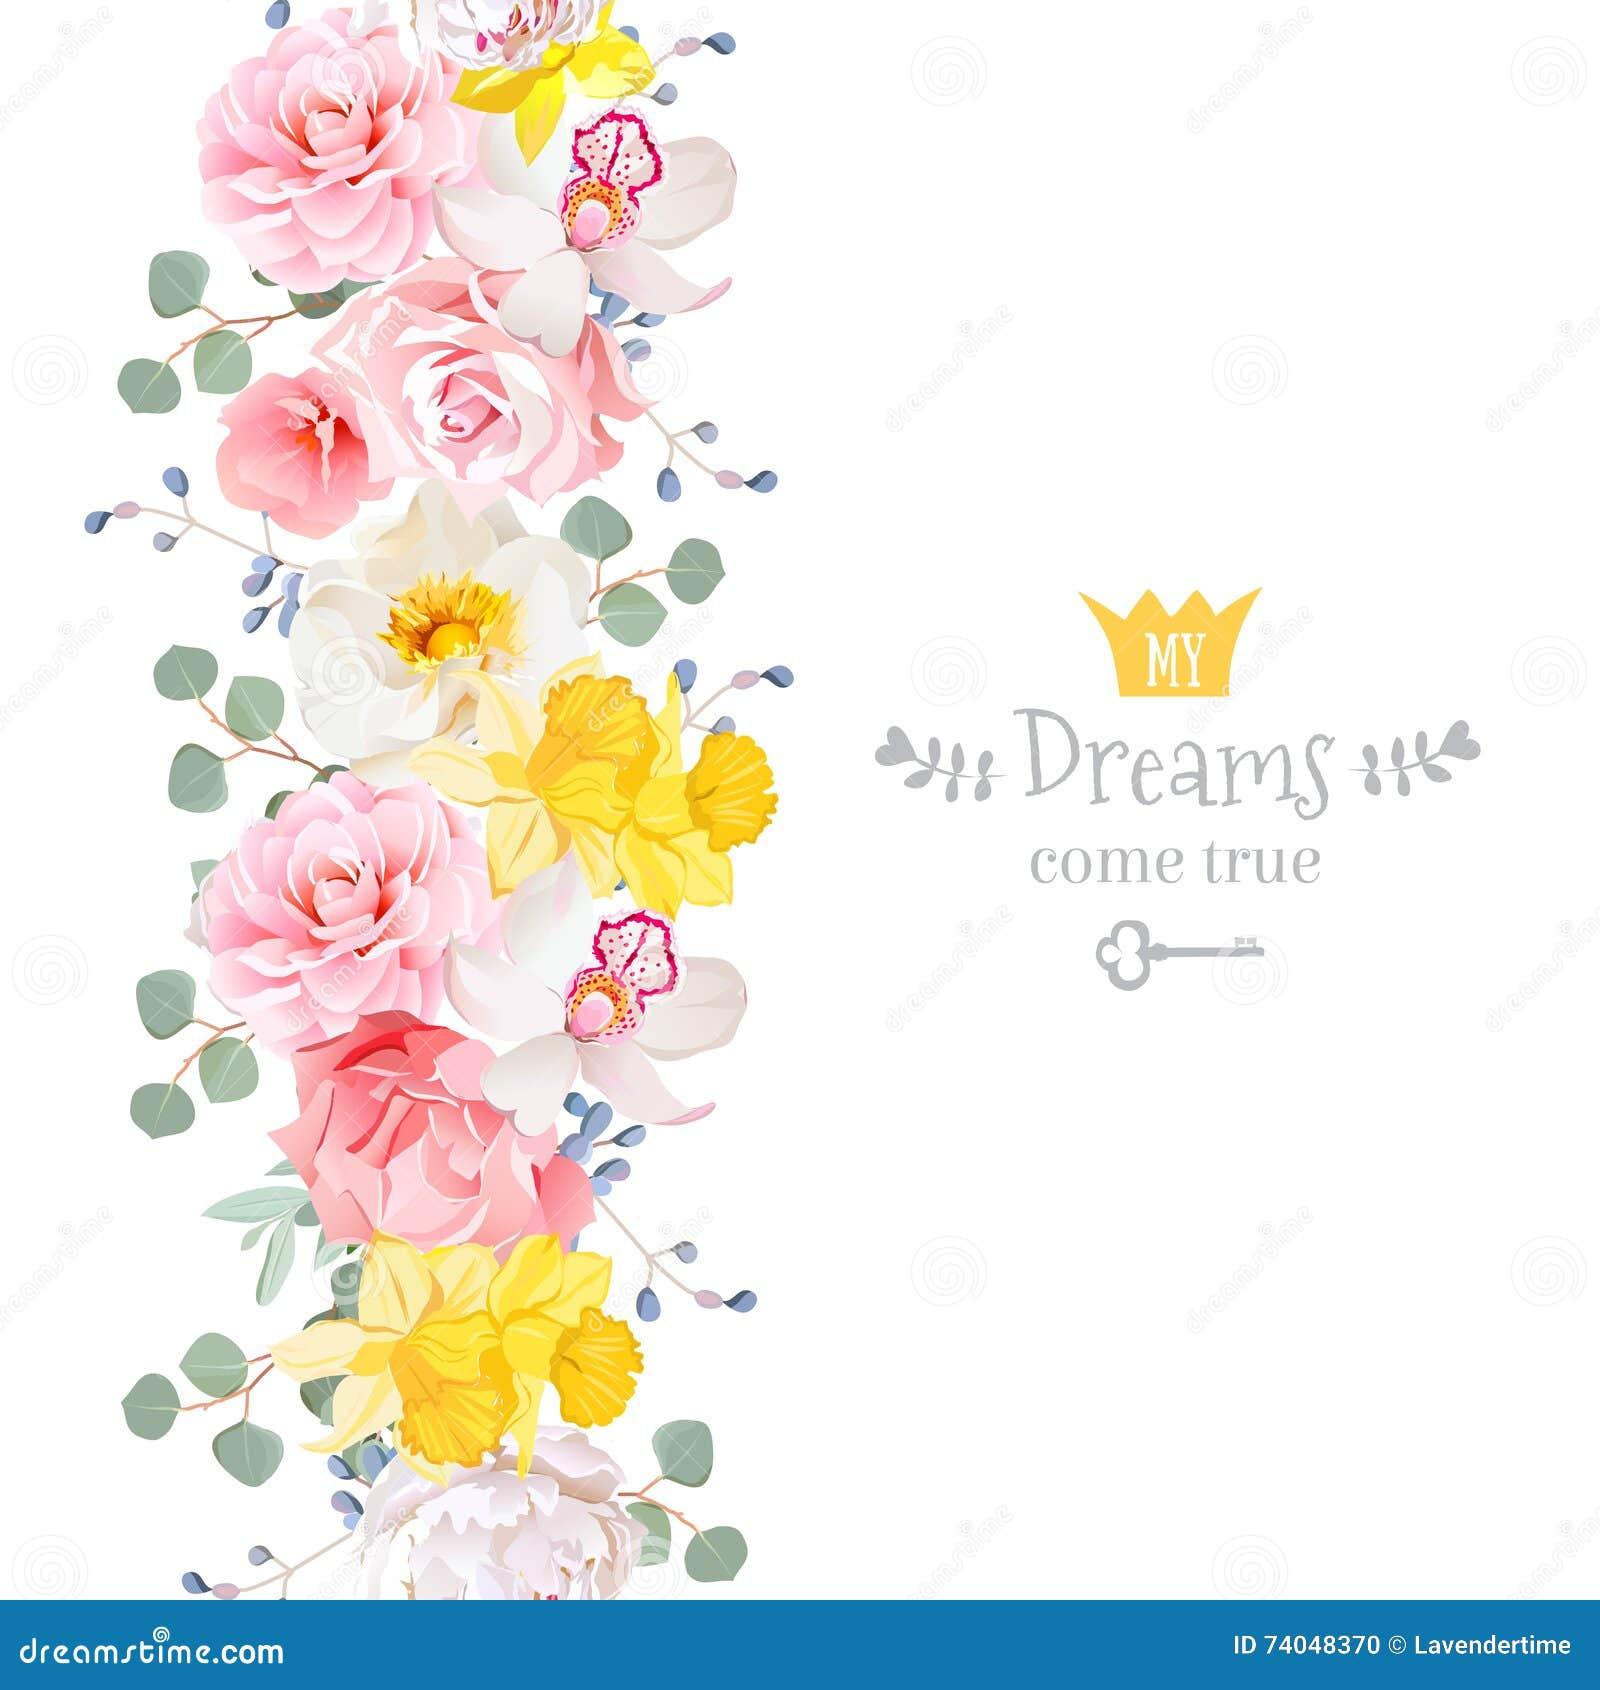 De verticale naadloze lijnslinger met wilde camelia, nam, pioen, orchidee, anjer, narcissen, eucaliptusbladeren en blauwe bessen